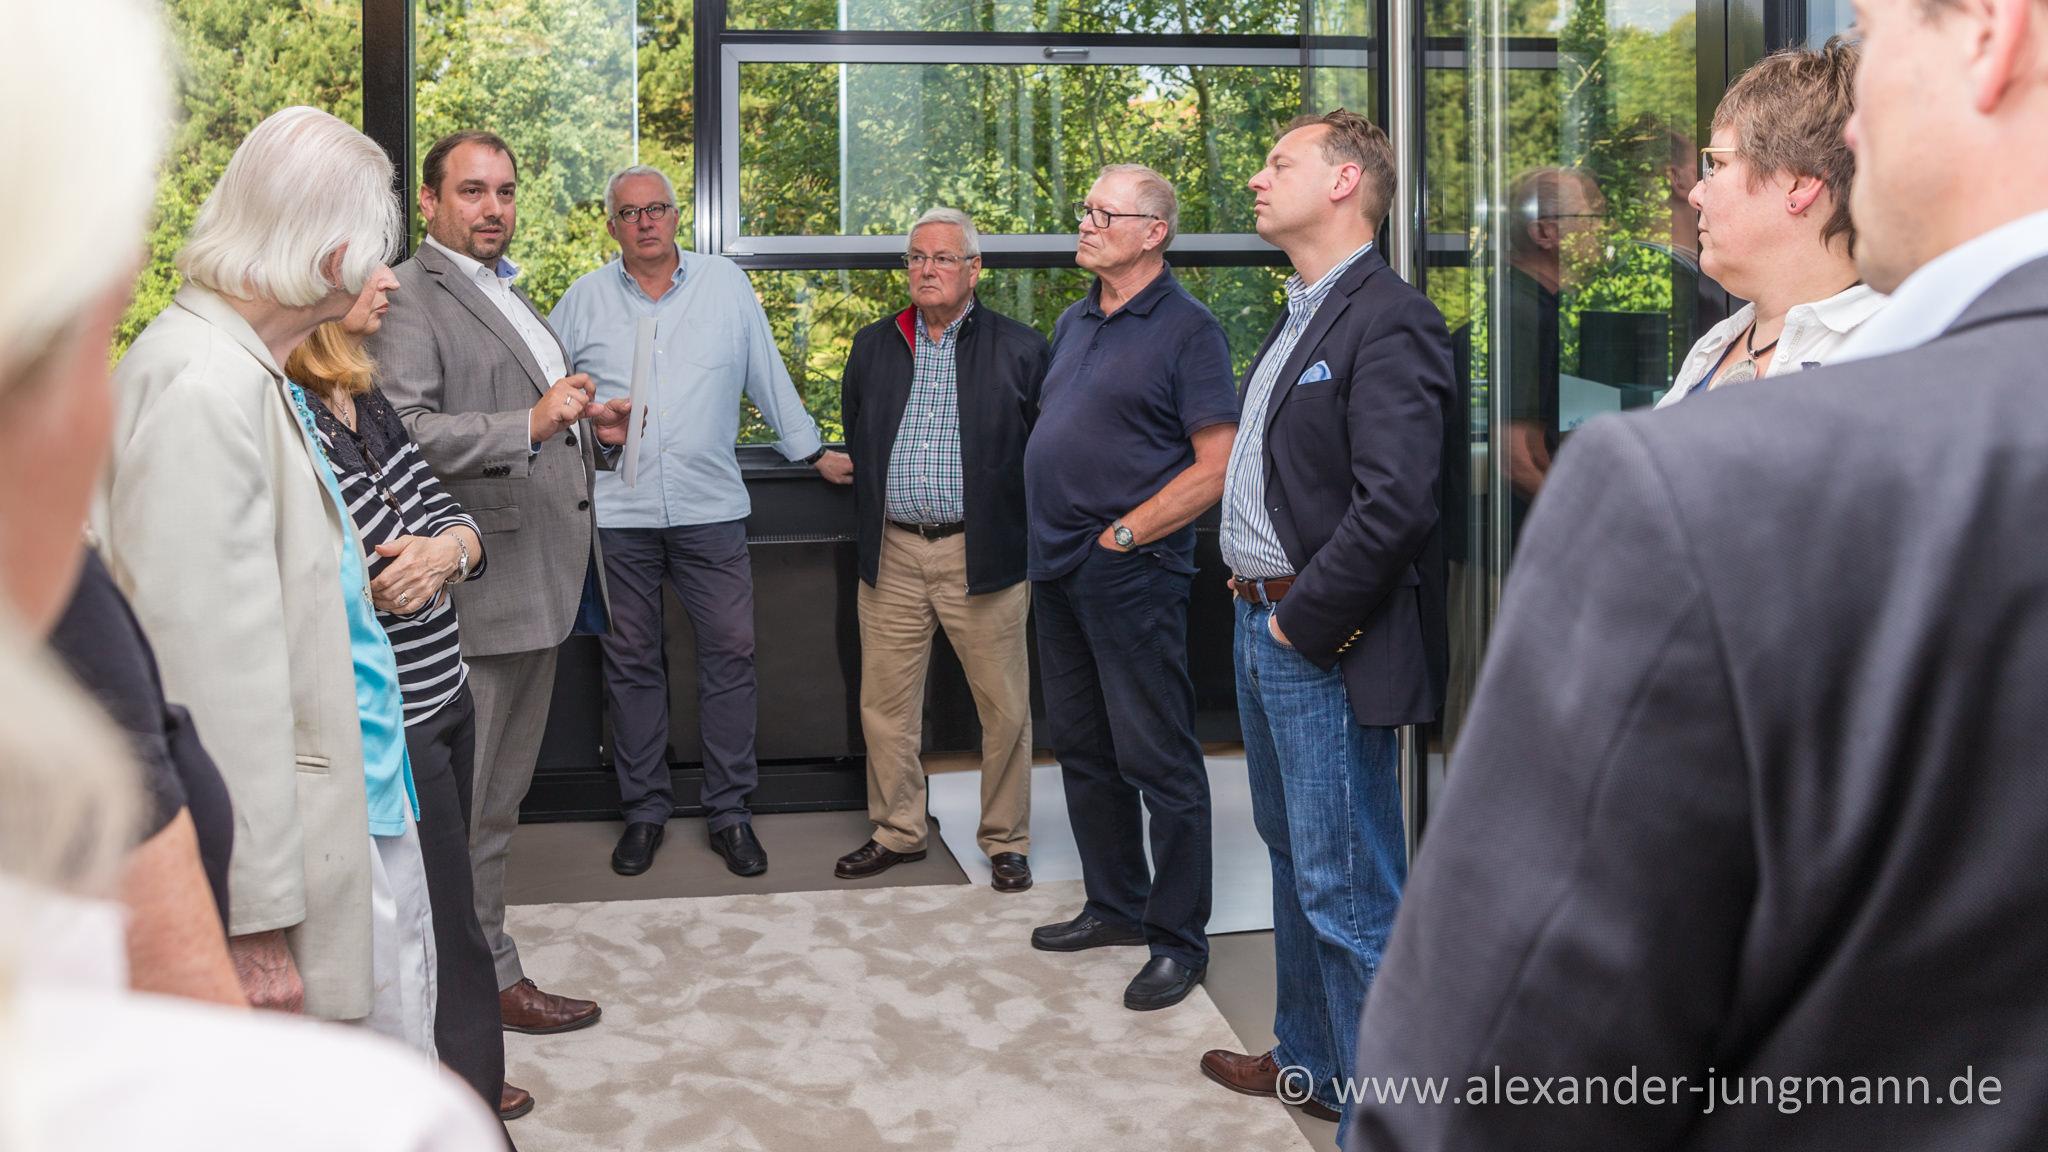 Hans Jörg Stapff (Niederlassungsleiter), links im Bild mit grauem Anzug, begrüßt seine Gäste.